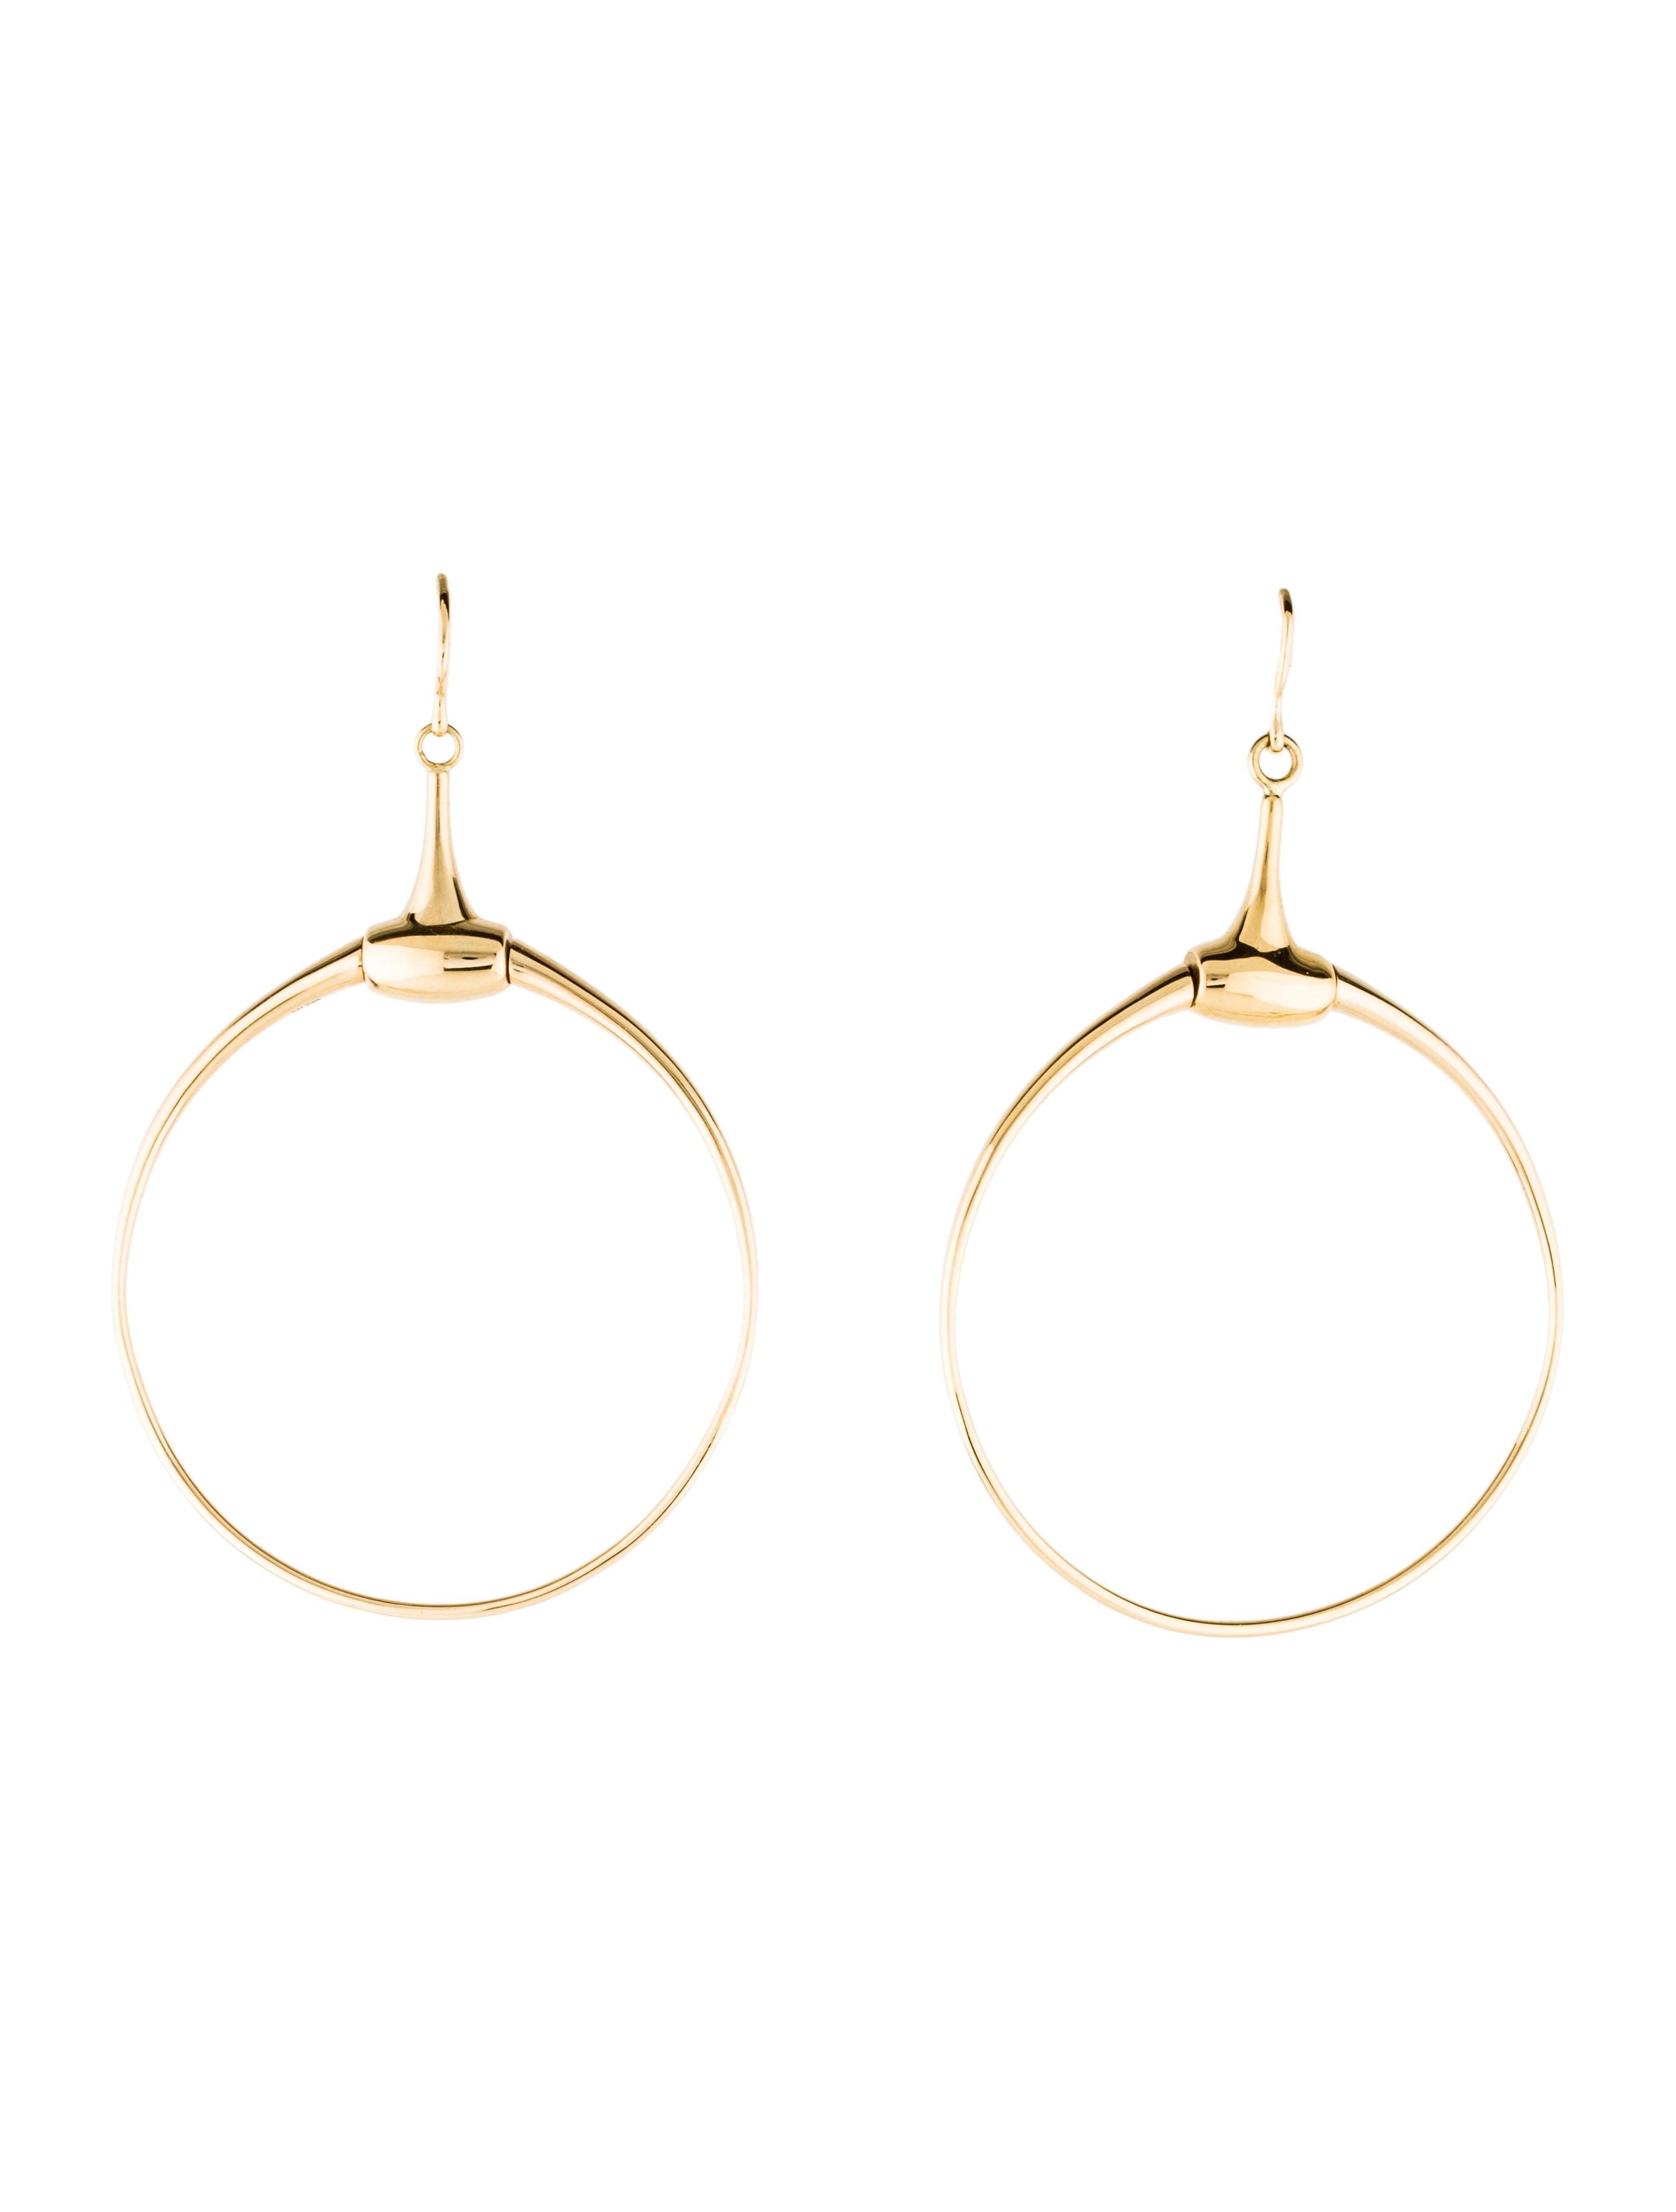 6d8c387fa21 Gucci 18K Horsebit Drop Hoop Earrings - Earrings - GUC243436